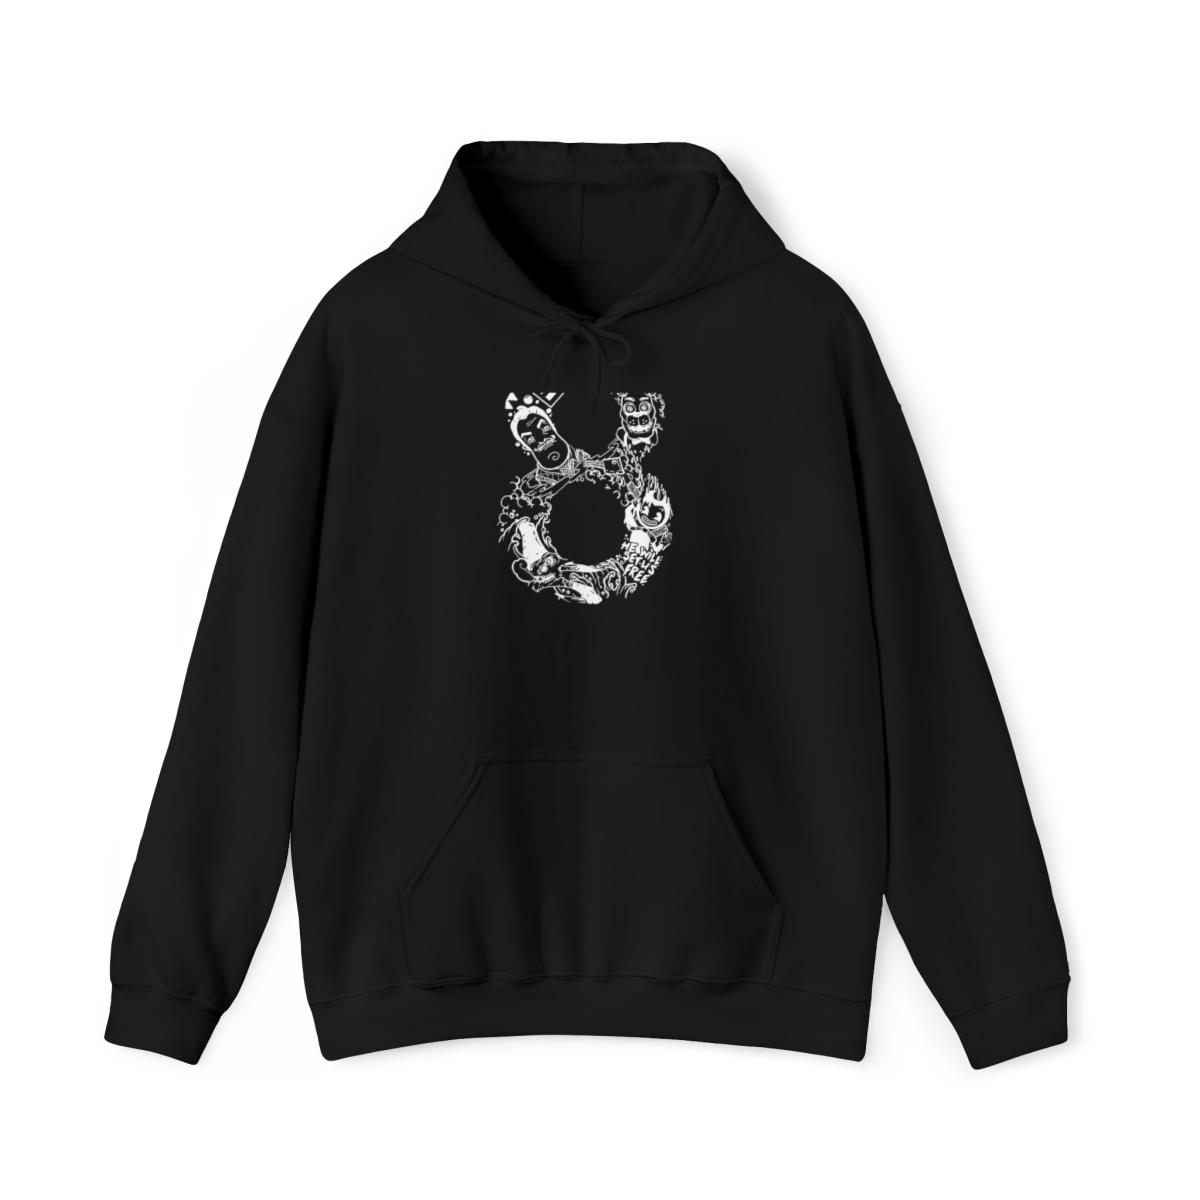 8Bit Hoodie - Black